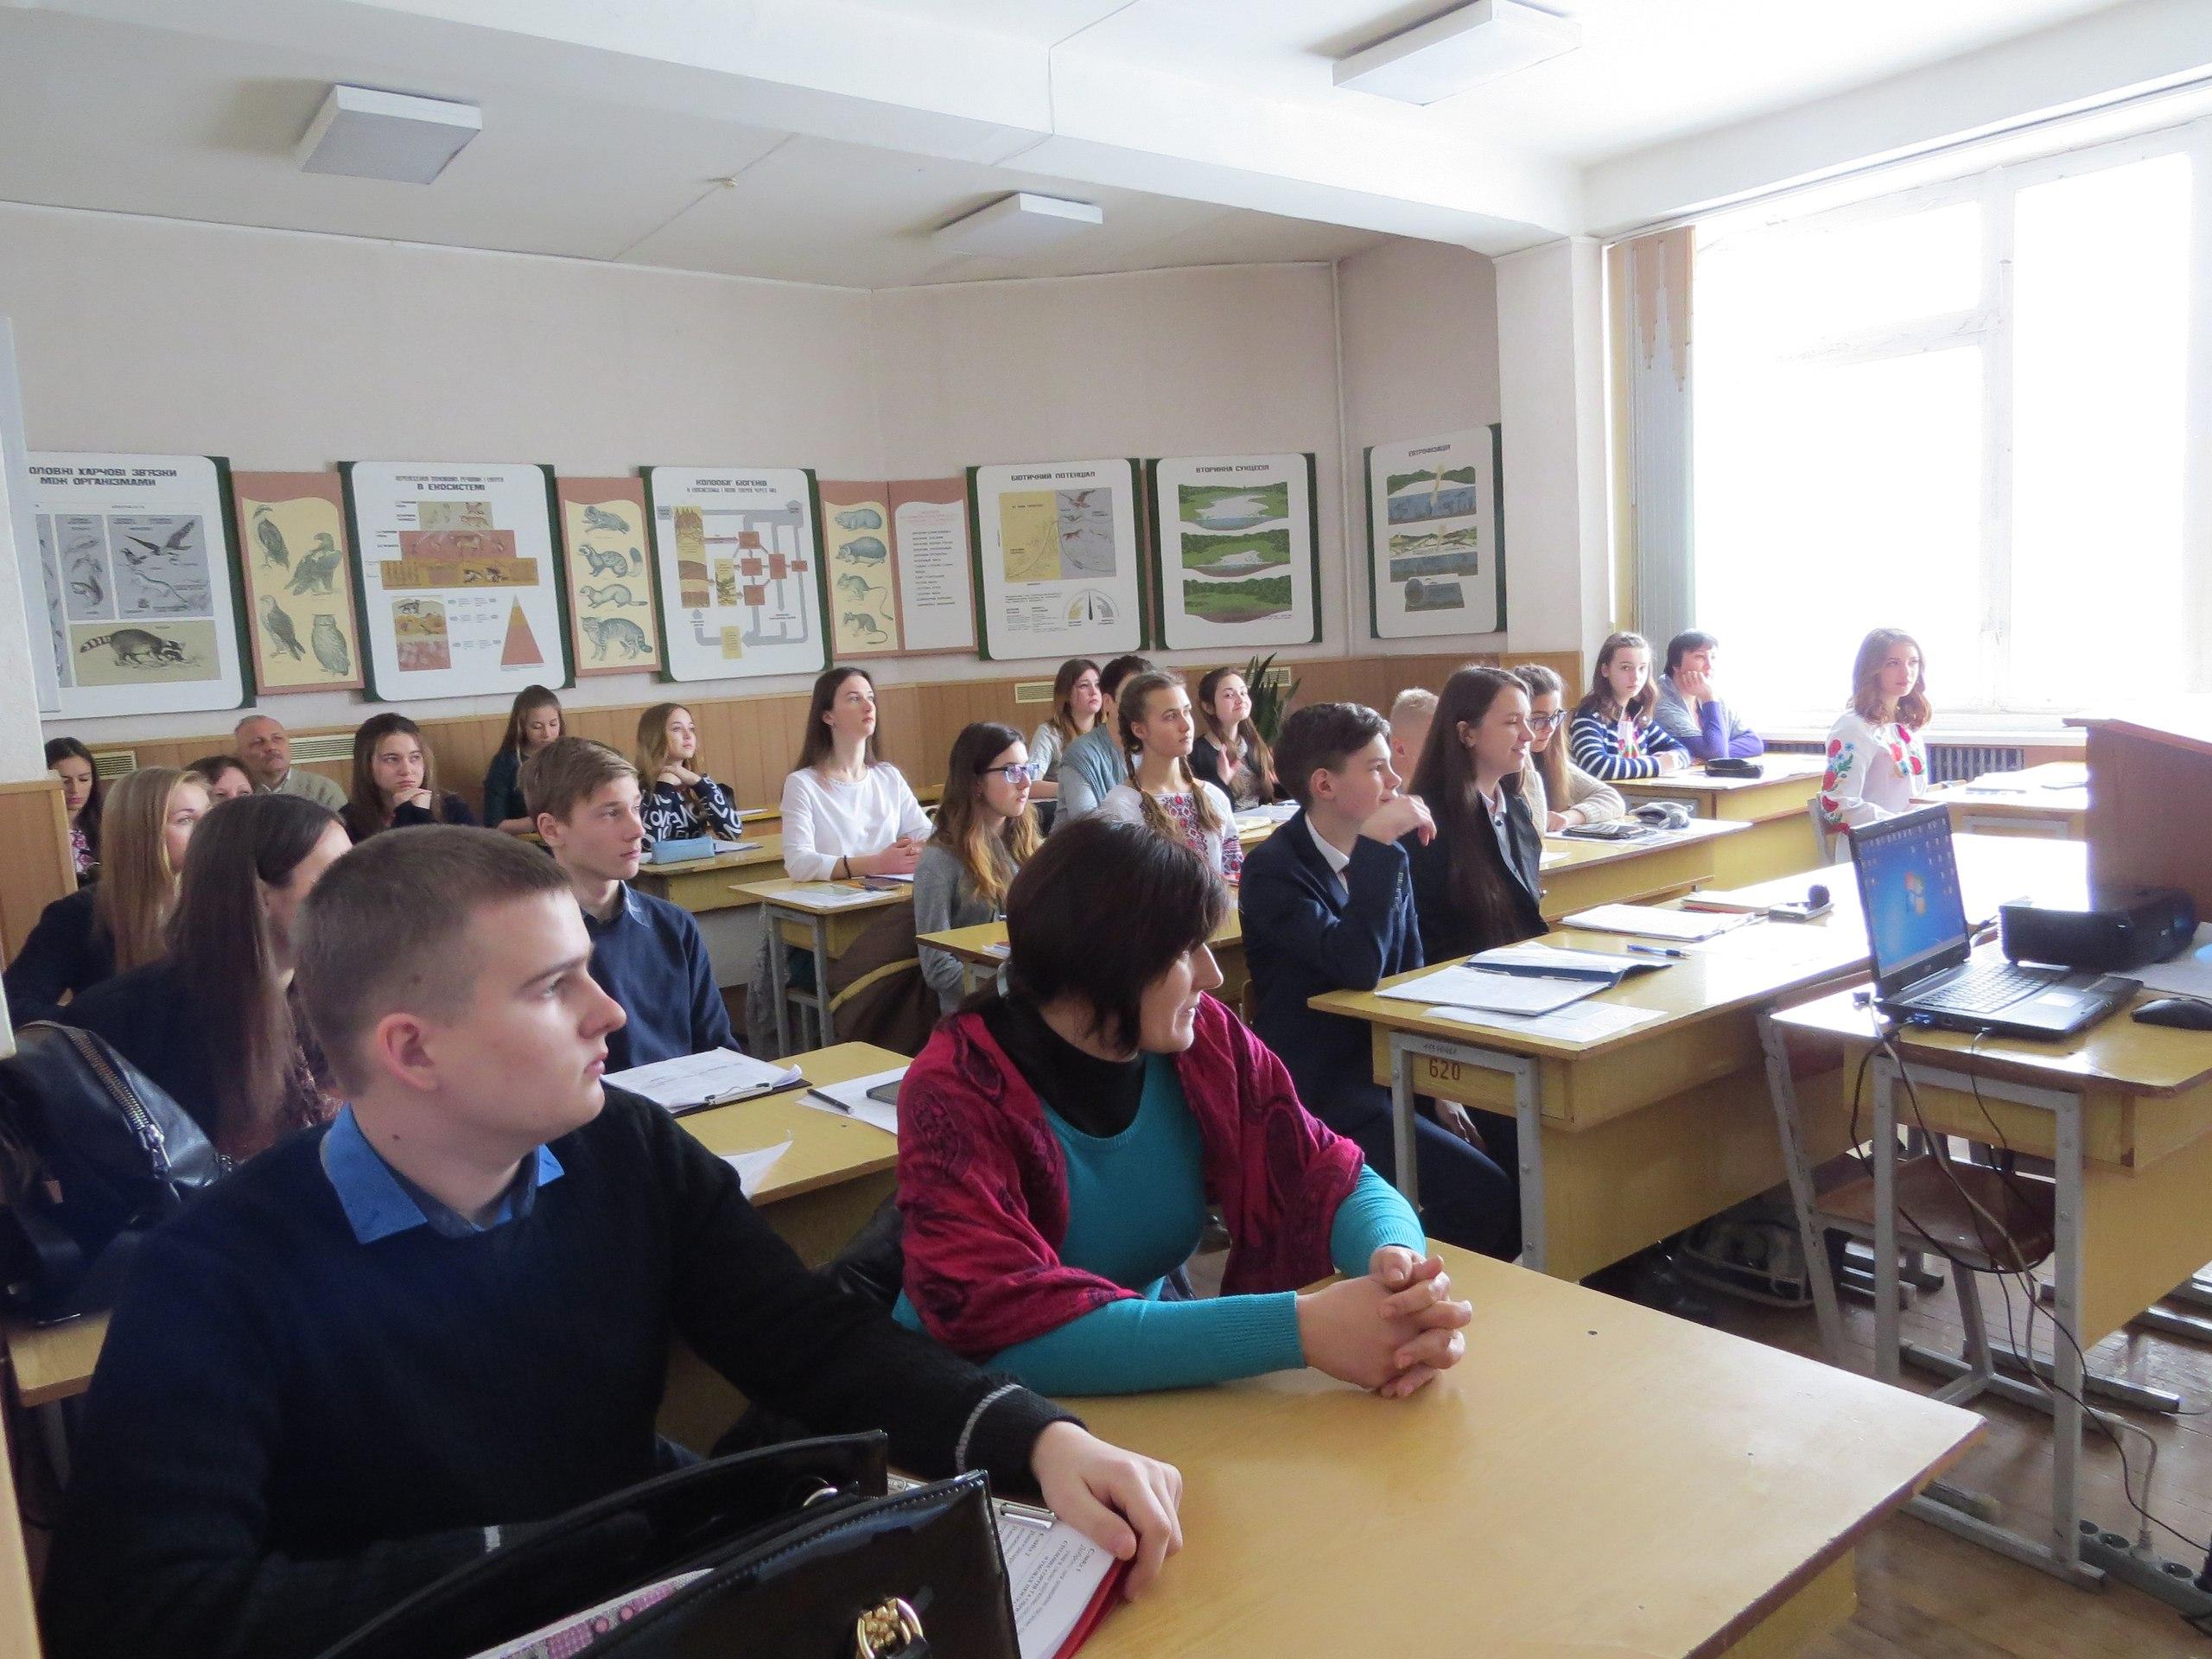 ІІІ тур обласного етапу Всеукраїнського конкурсу-захисту науково-дослідницьких робіт членів Малої академії